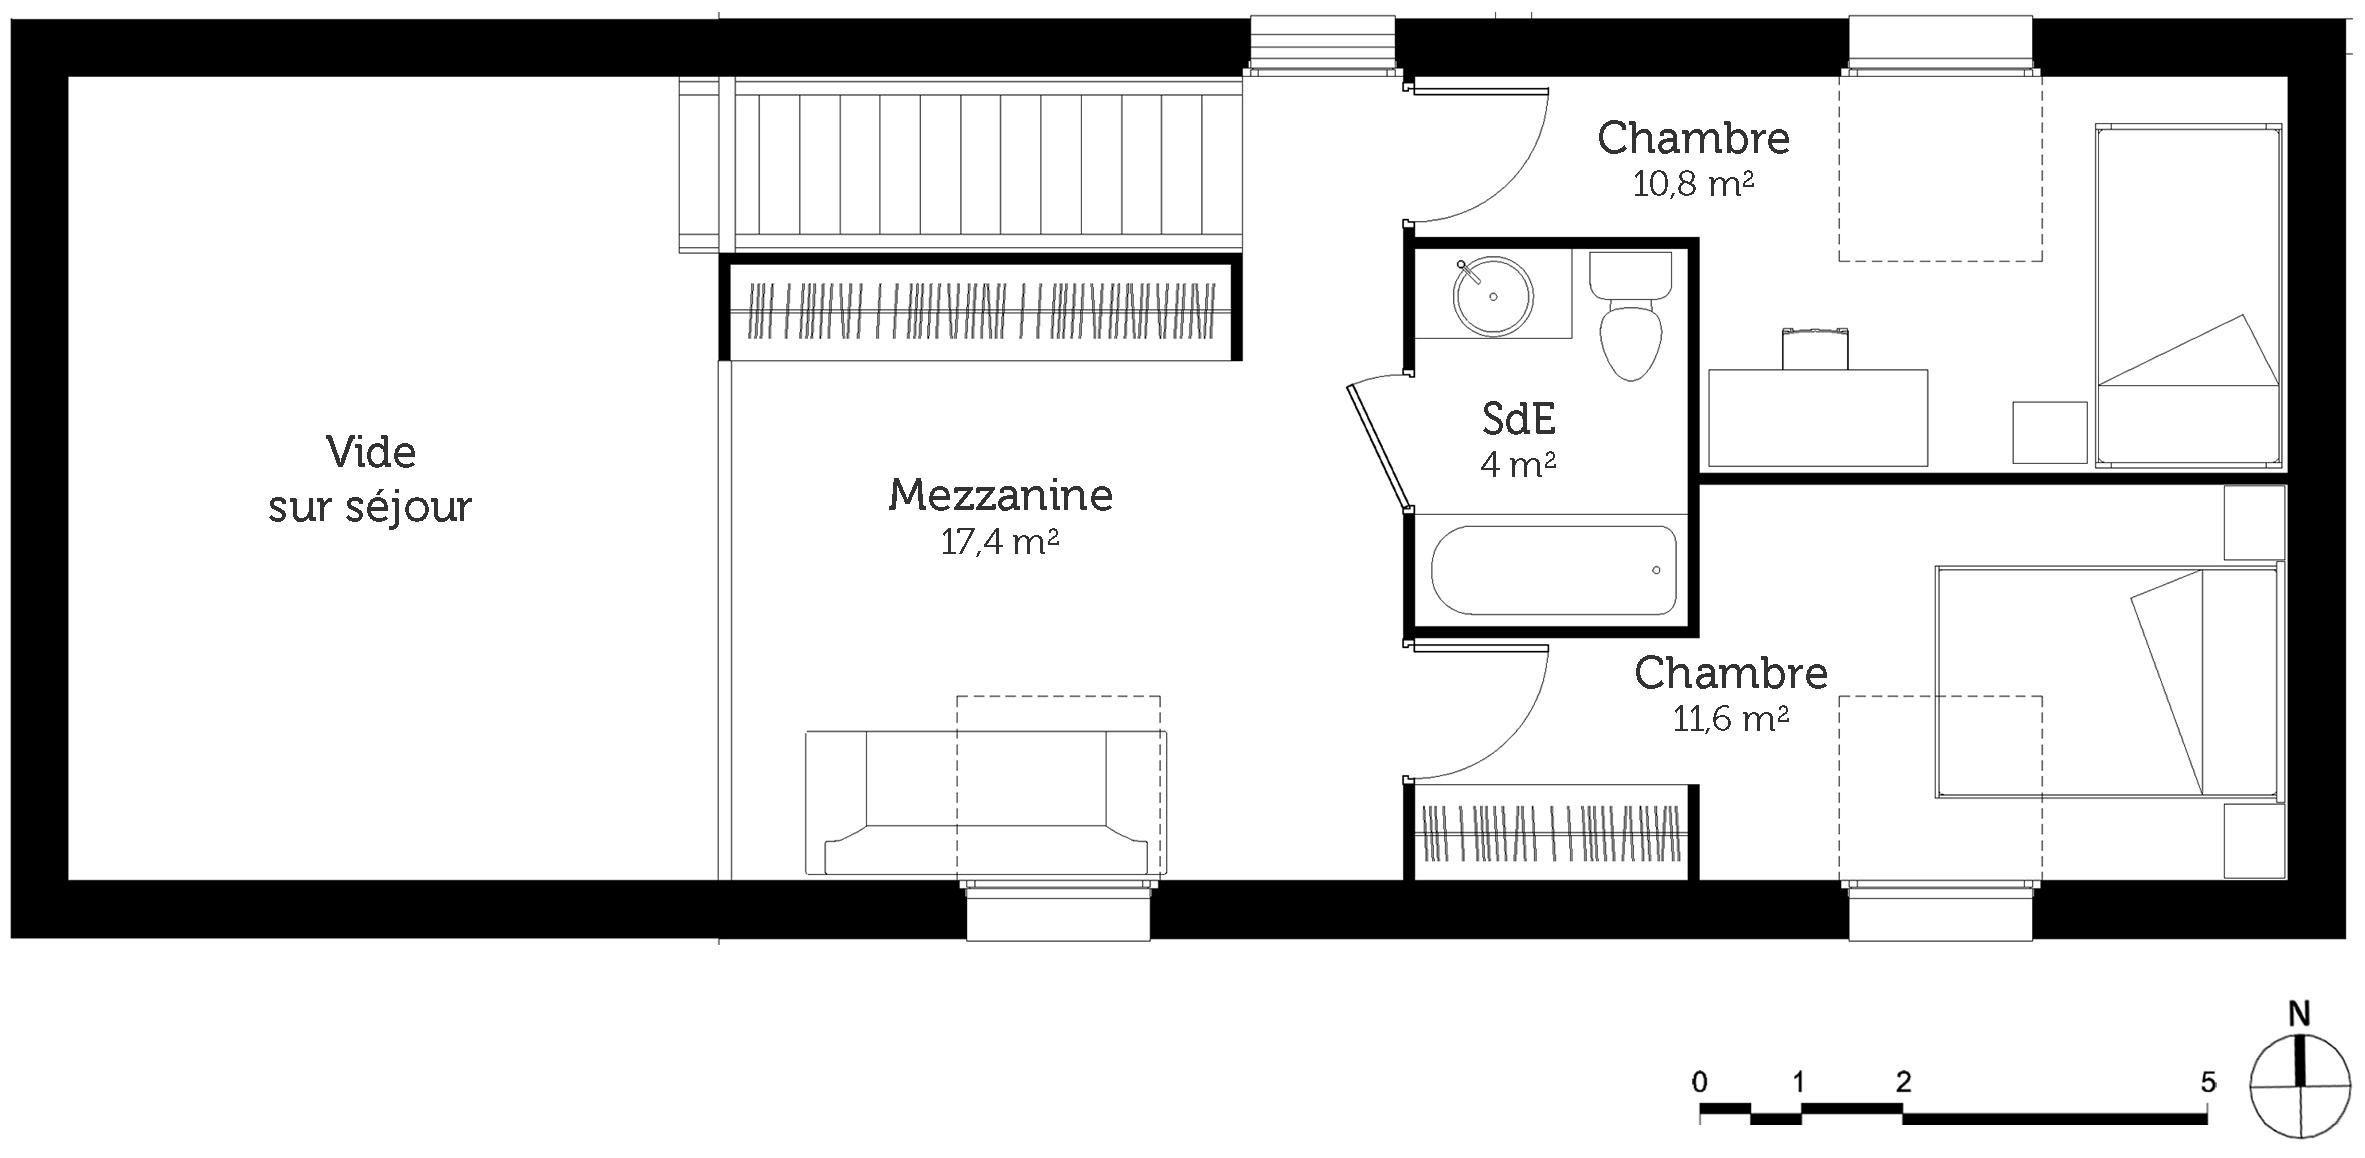 Plan d une maison avec mezzanine maison moderne - Plan maison avec mezzanine ...